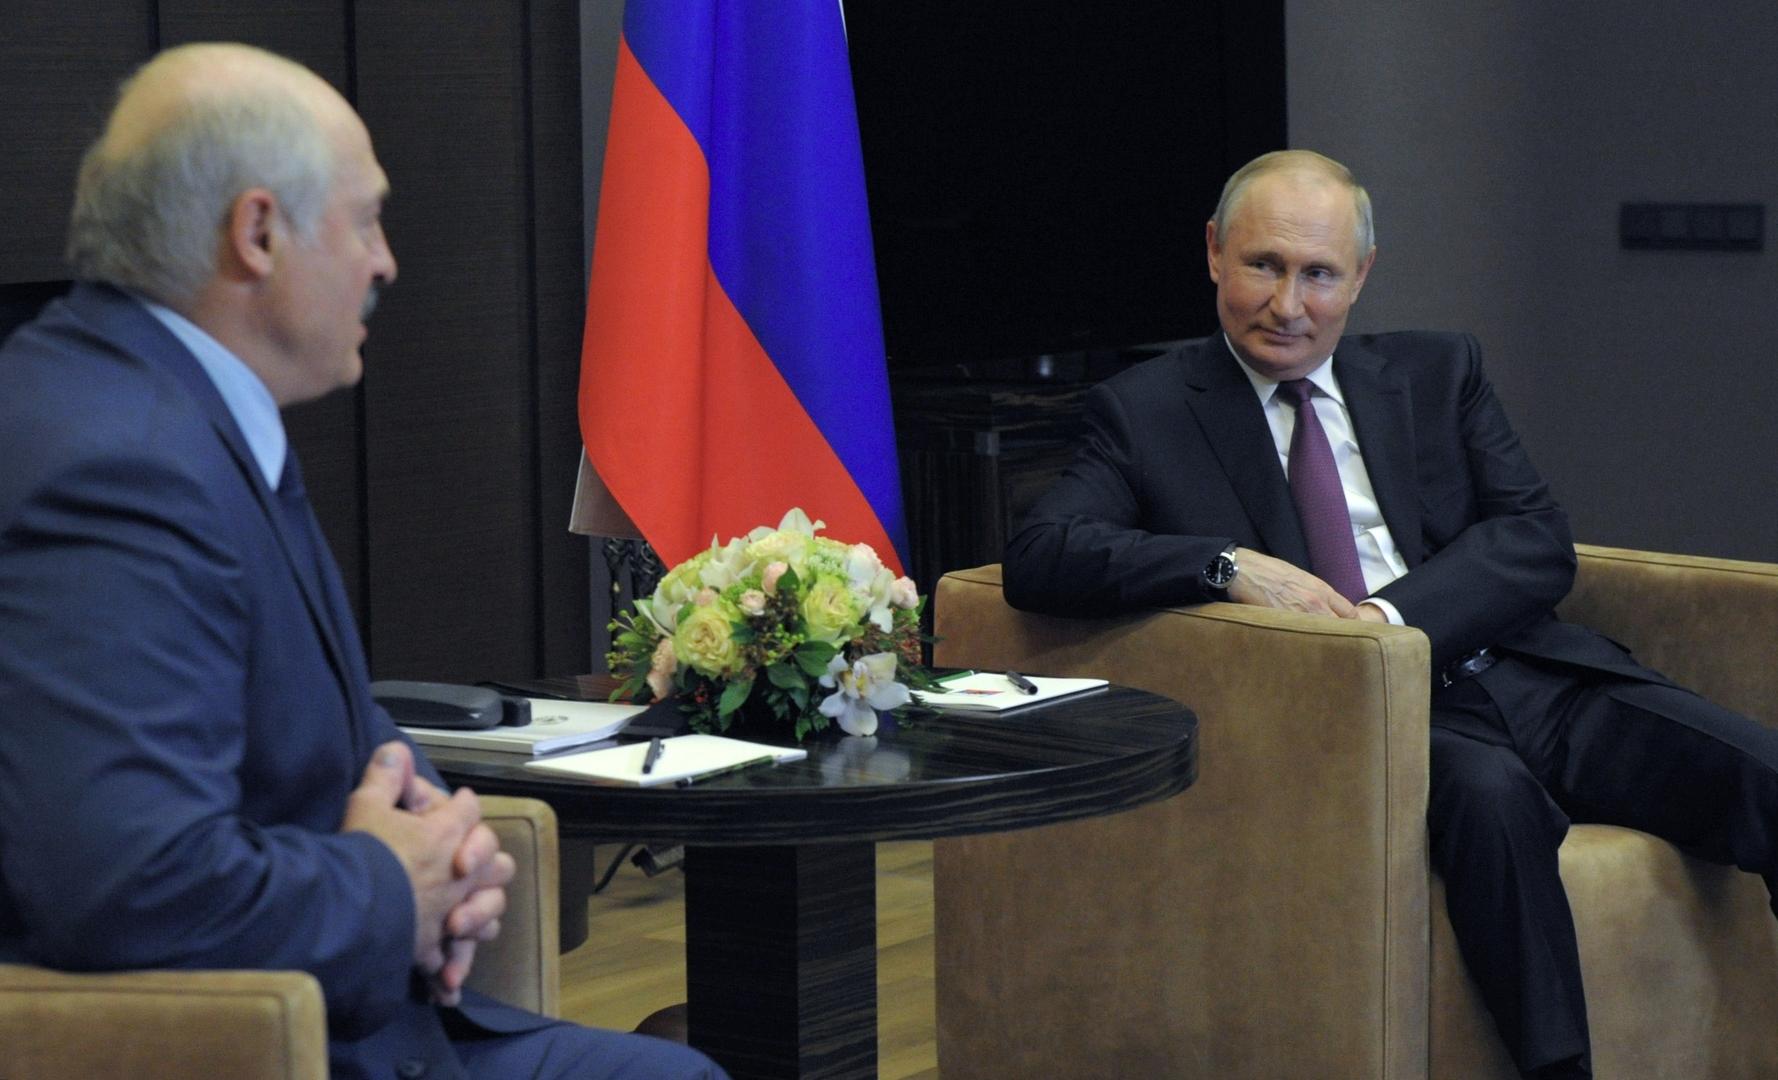 الرئيس الروسي، فلاديمير بوتين، خلال لقاء مع رئيس بيلاروس، ألكسندر لوكاشينكو (سوتشي، 28 مايو 2021).